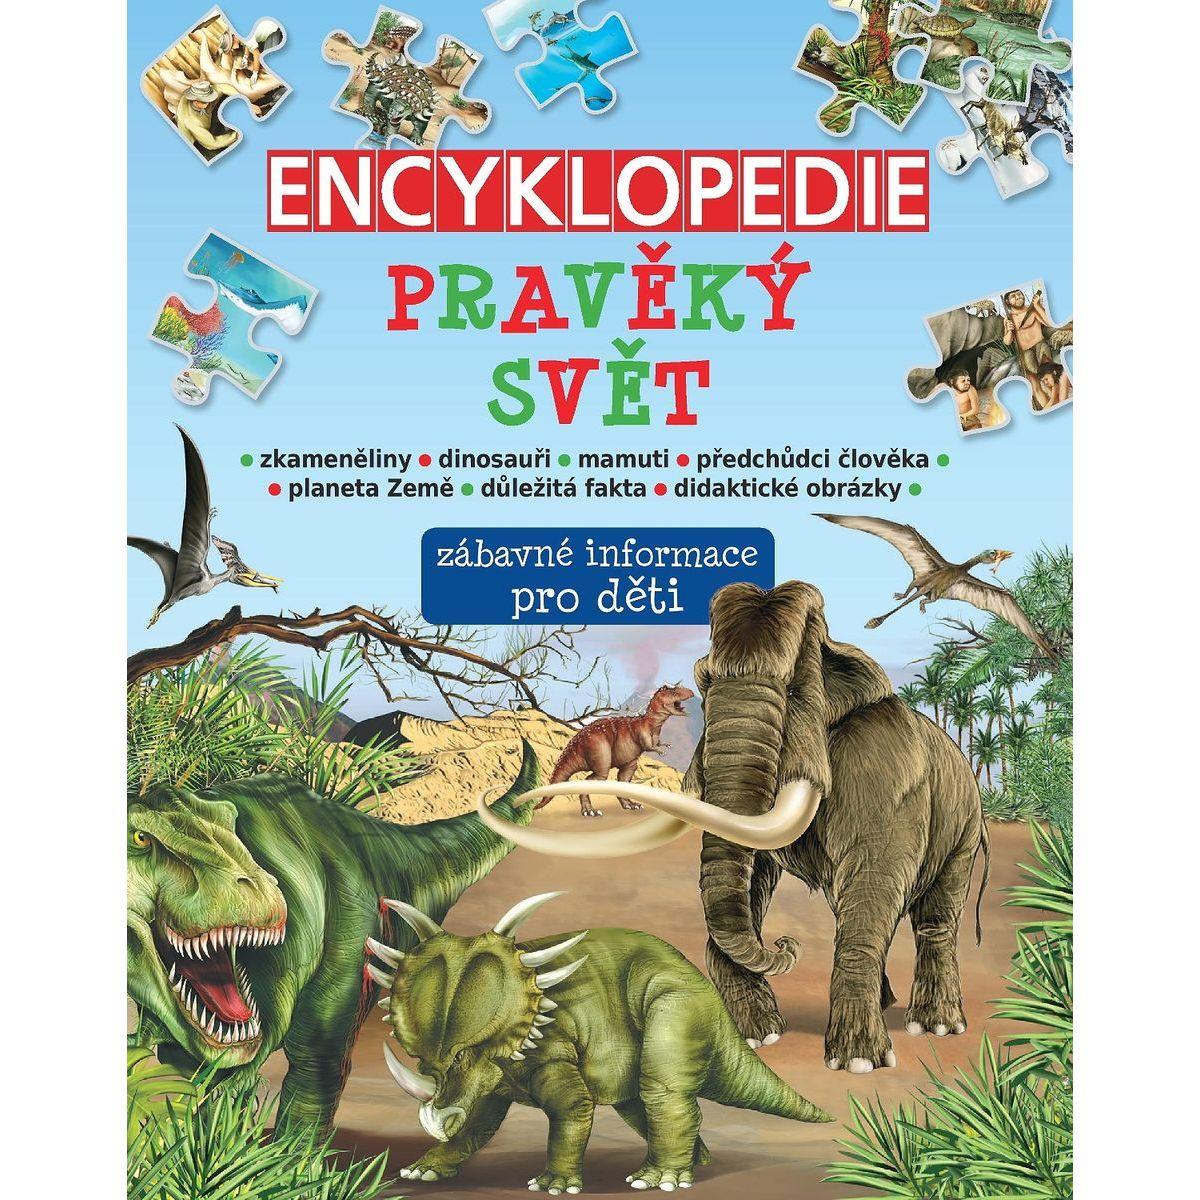 Encyklopédia praveký svet